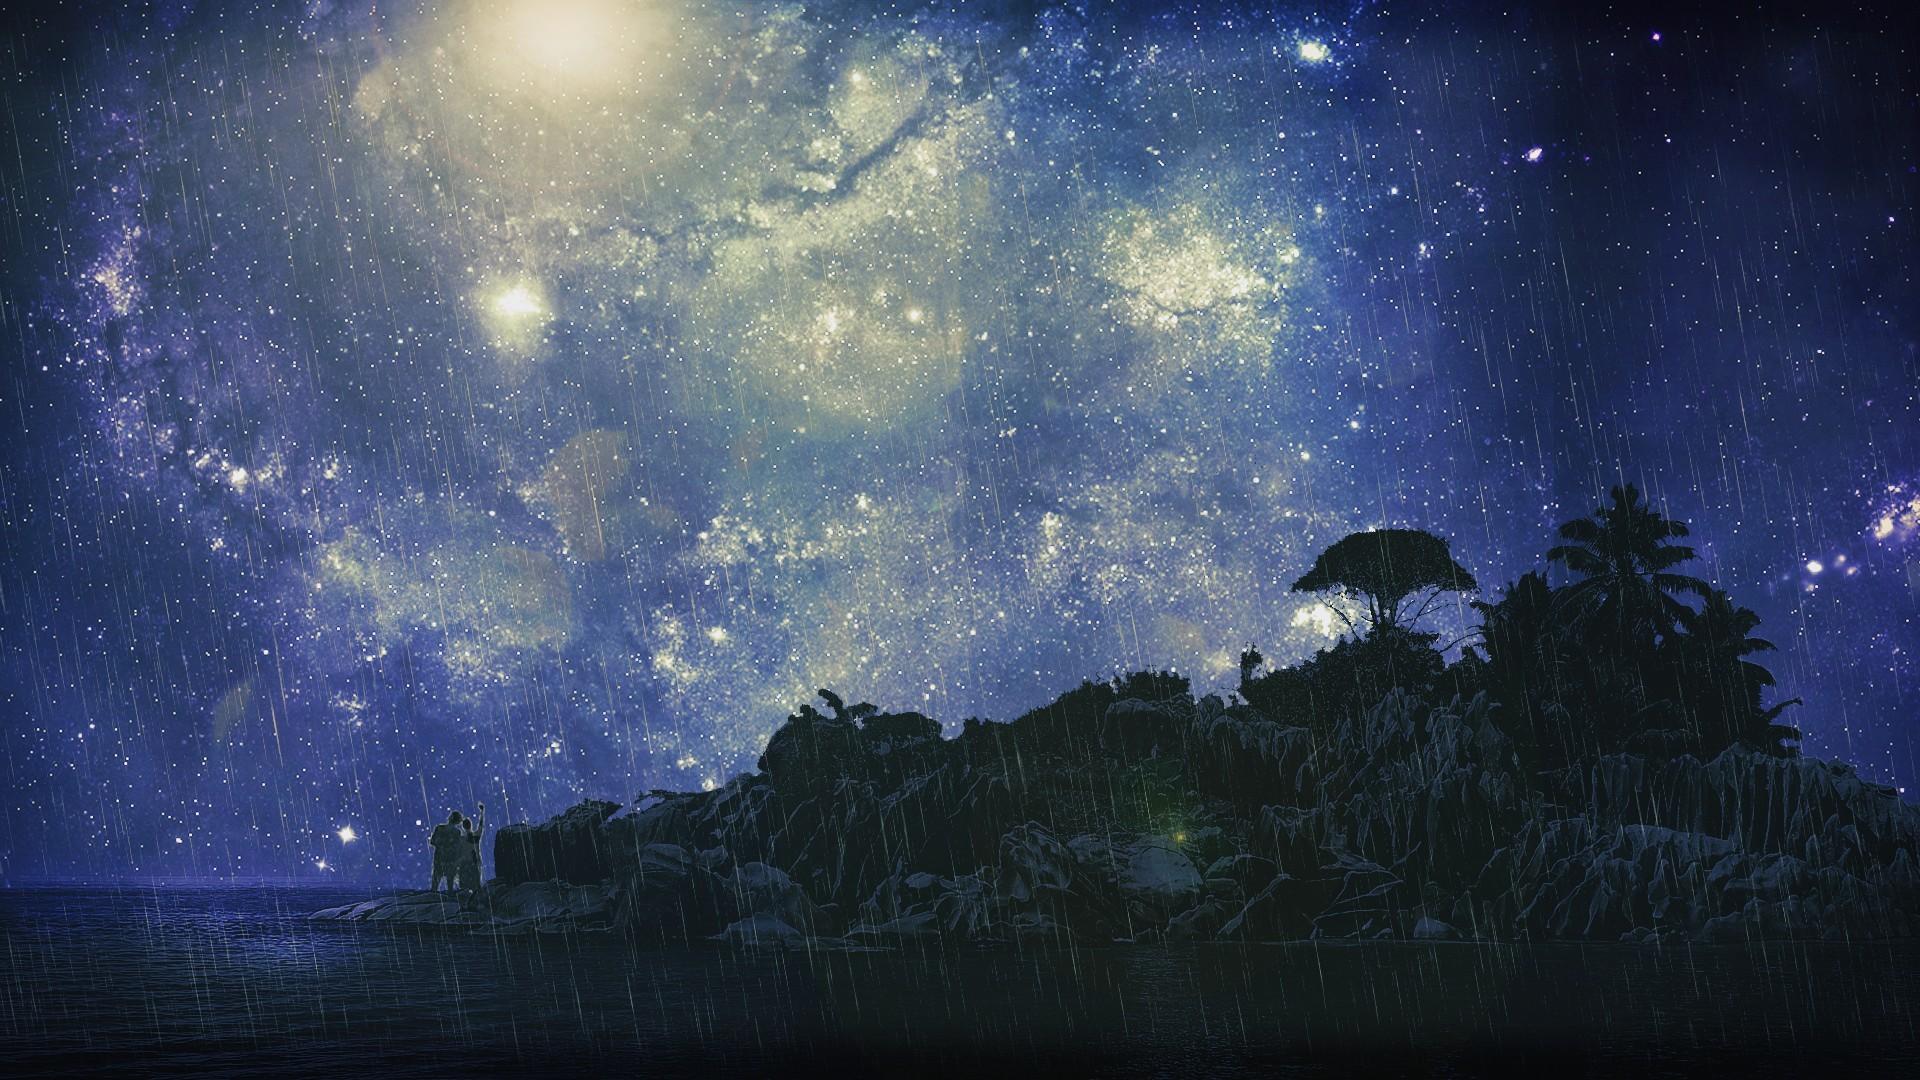 секрет, что красивое звездное небо картинка на рабочий стол вид